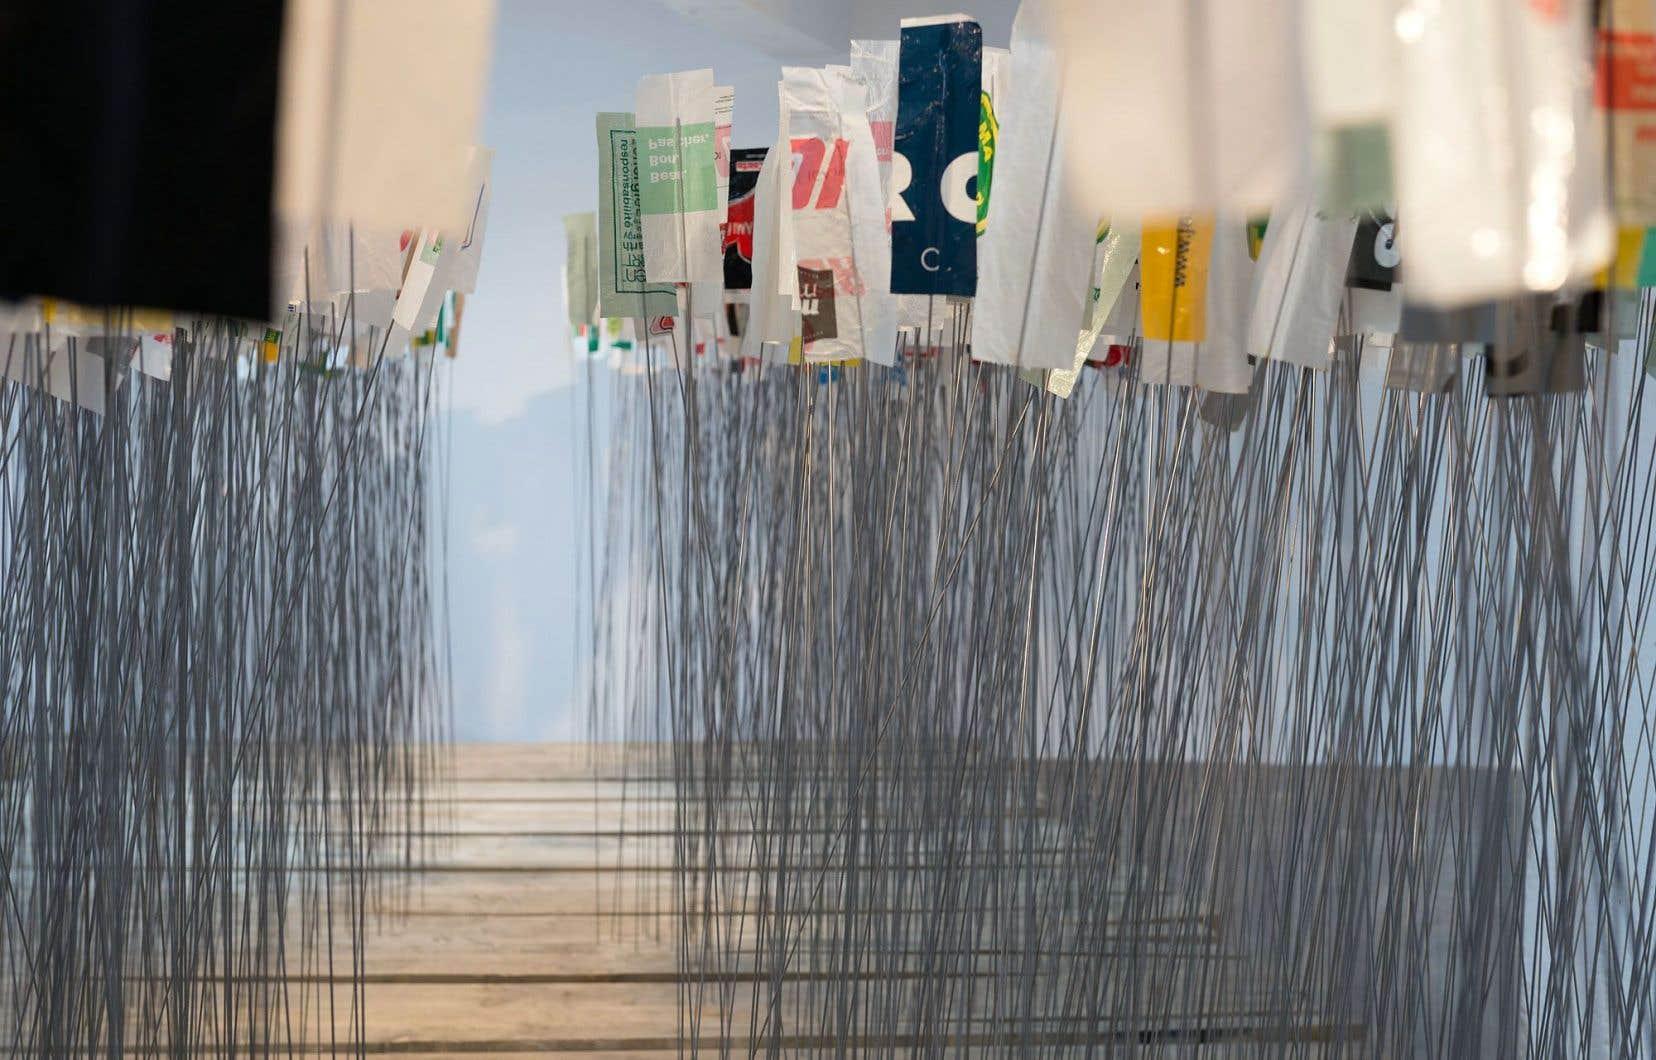 L'installation «Afin d'éviter tous ces nœuds» est faite de planches de bois, de tiges de métal et de sacs de plastique.